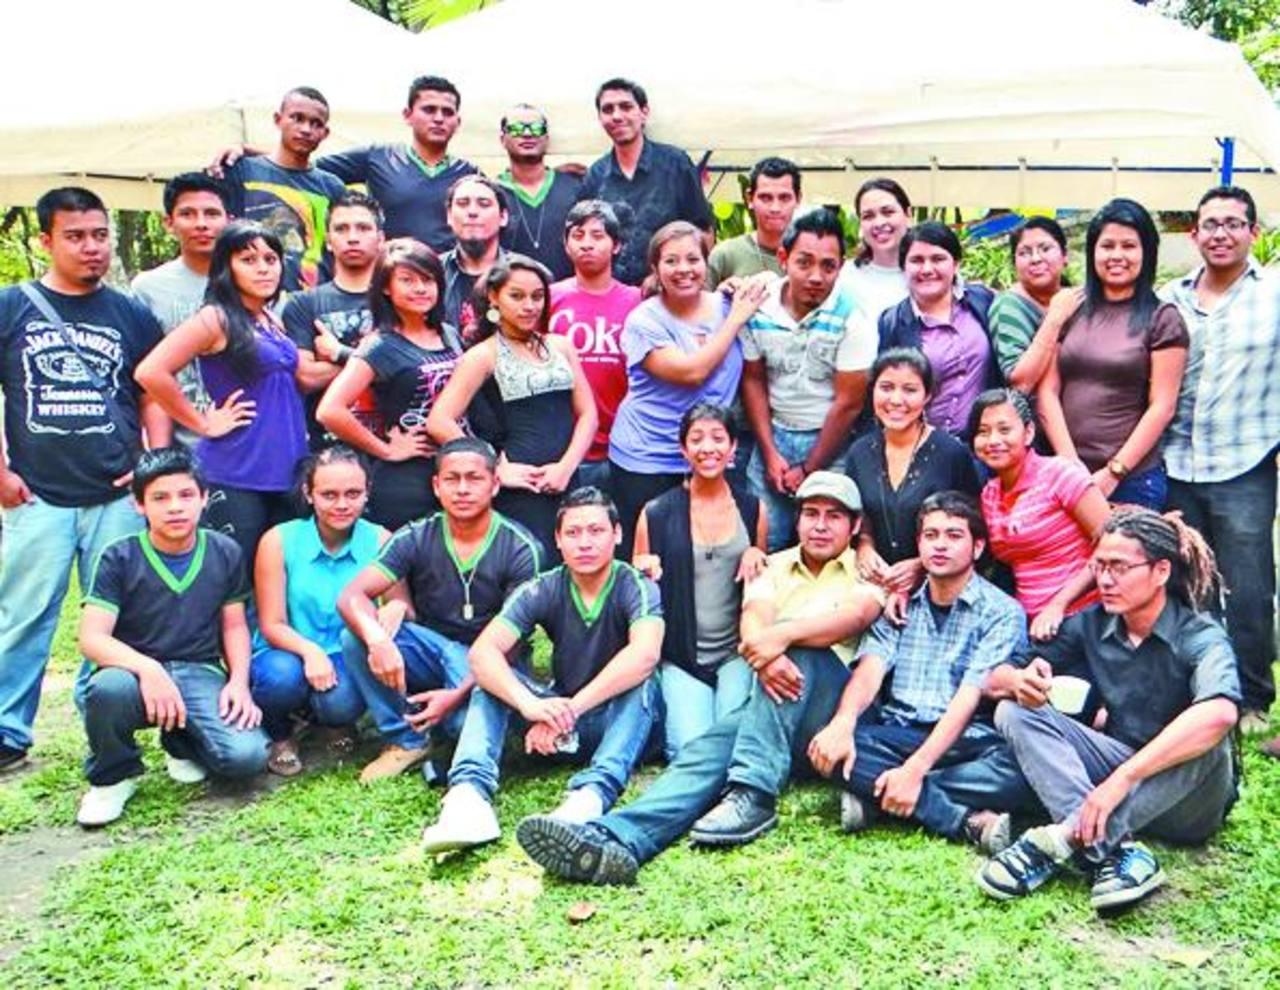 Los participantes pertenecen a diferentes colectivos de teatro, arte circense y batucada, entre otros. Foto EDH / Cortesía